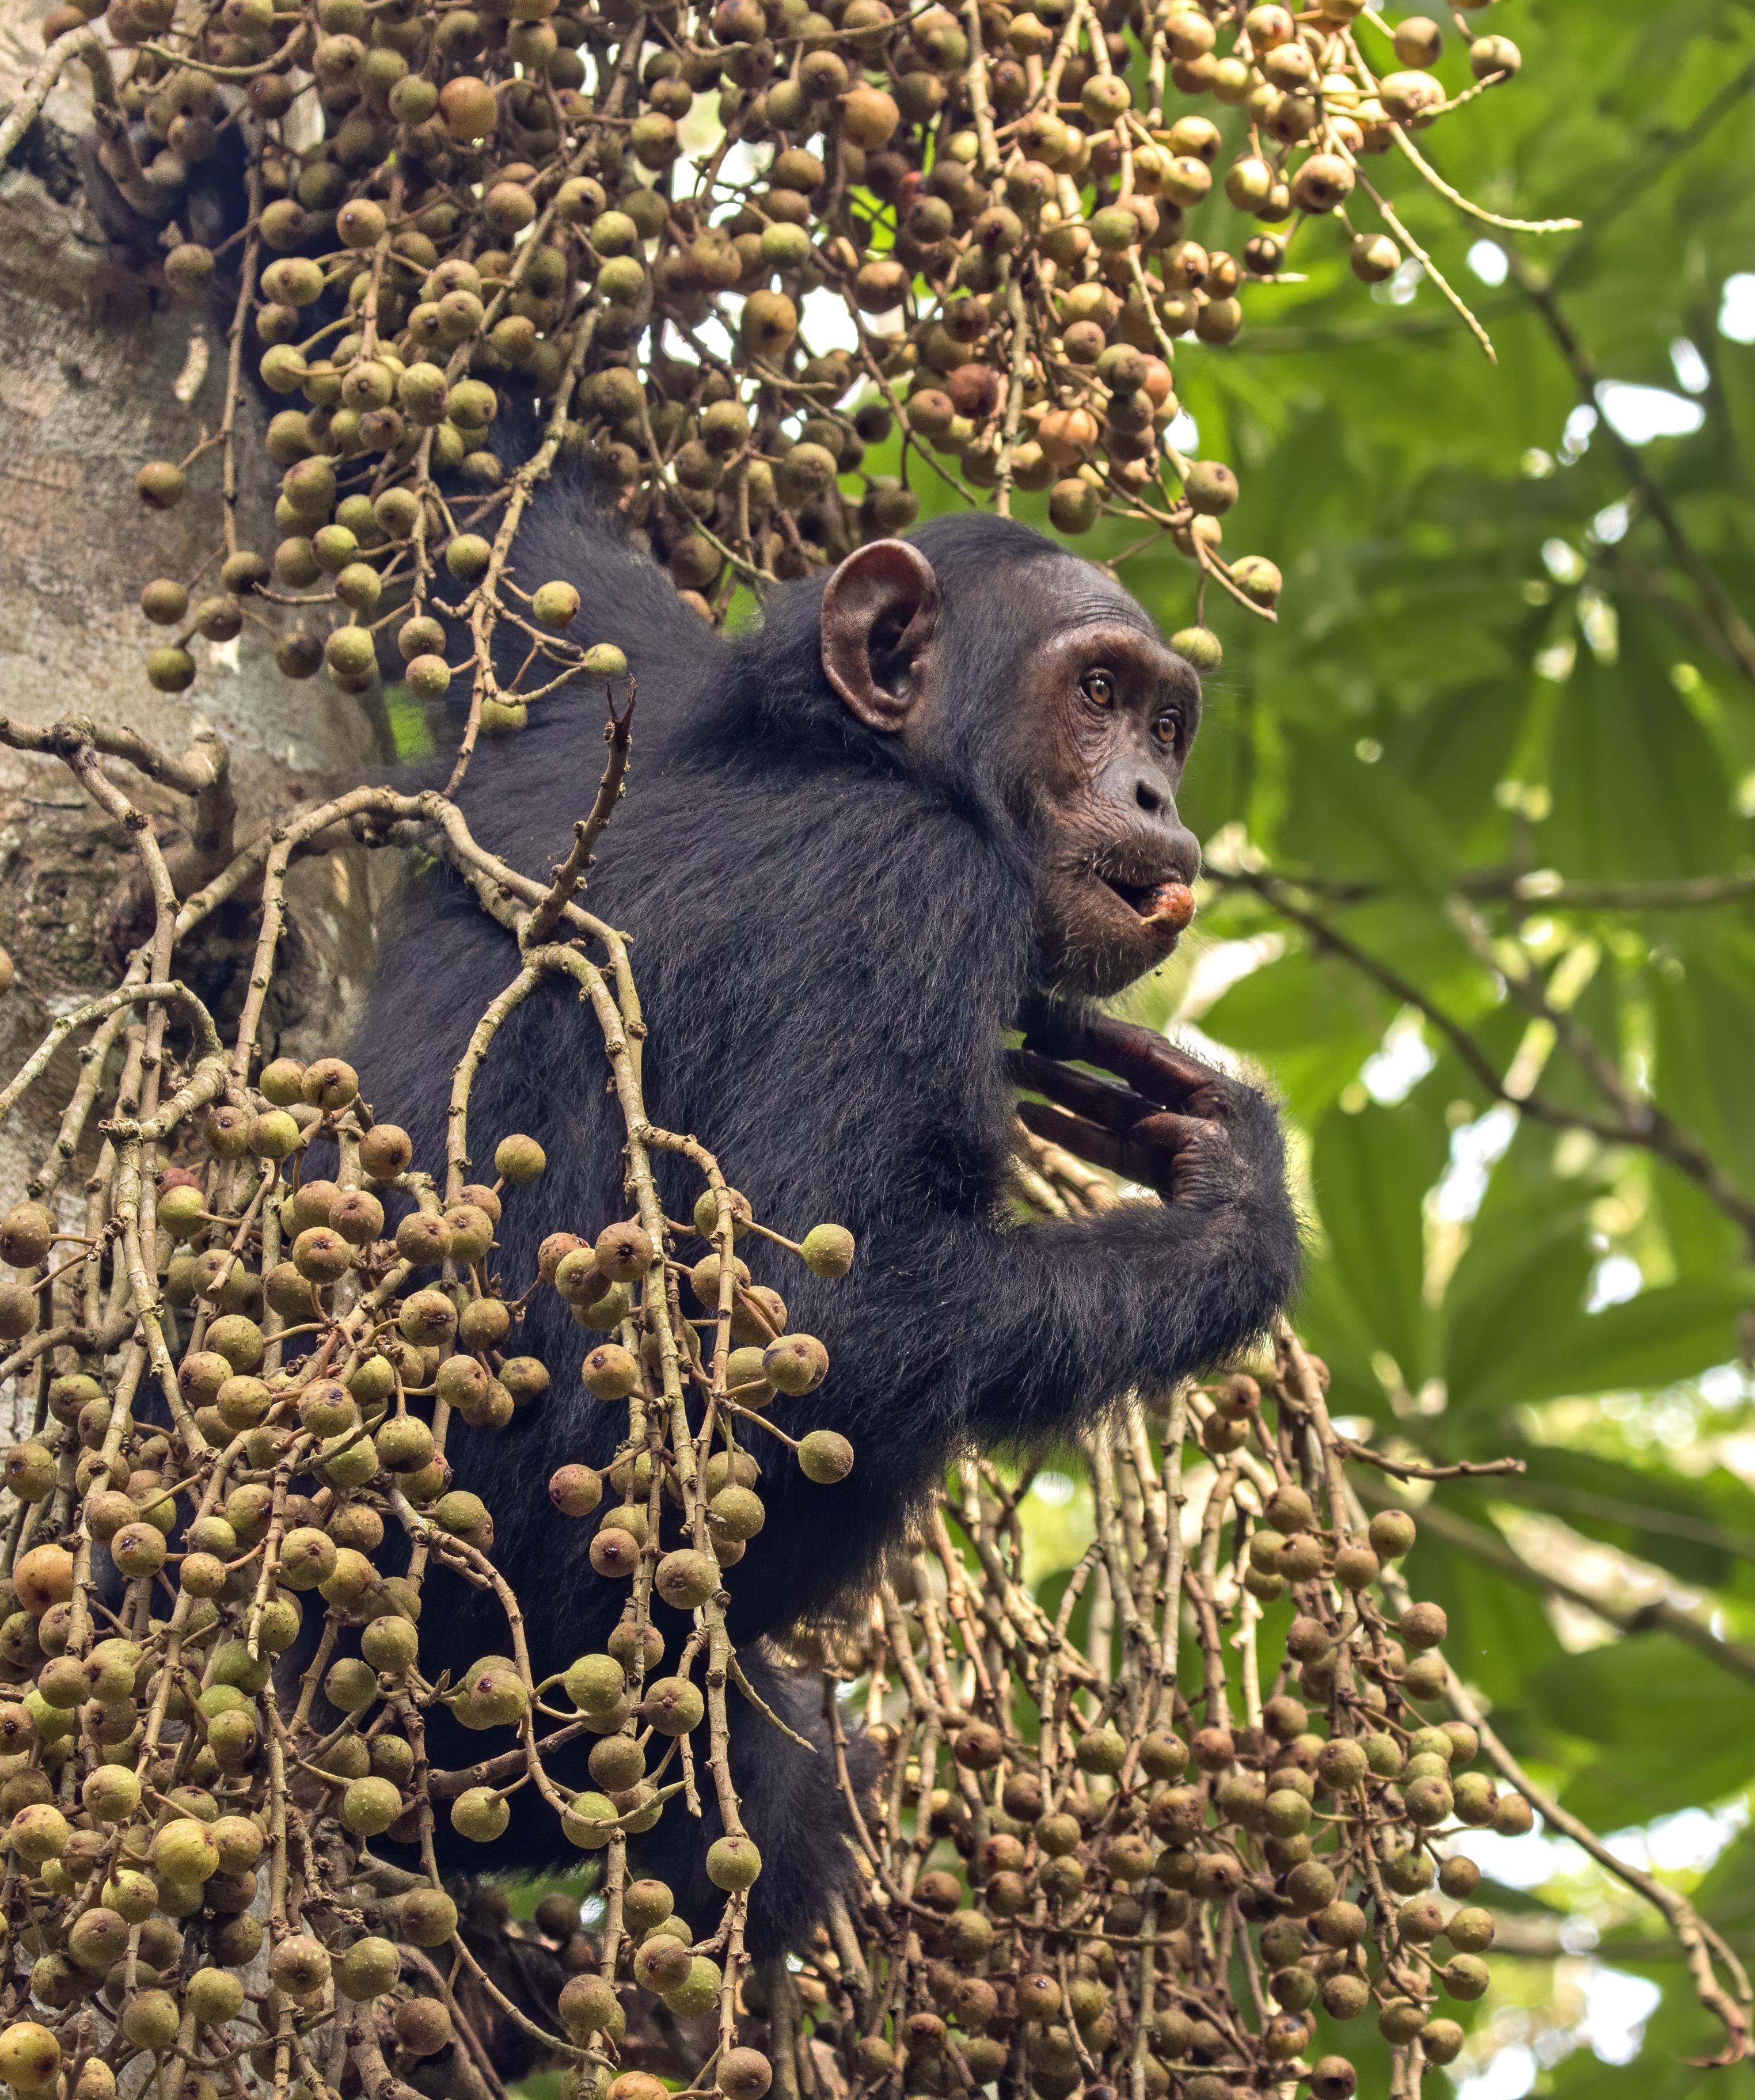 Chimpanzee - Wikipedia